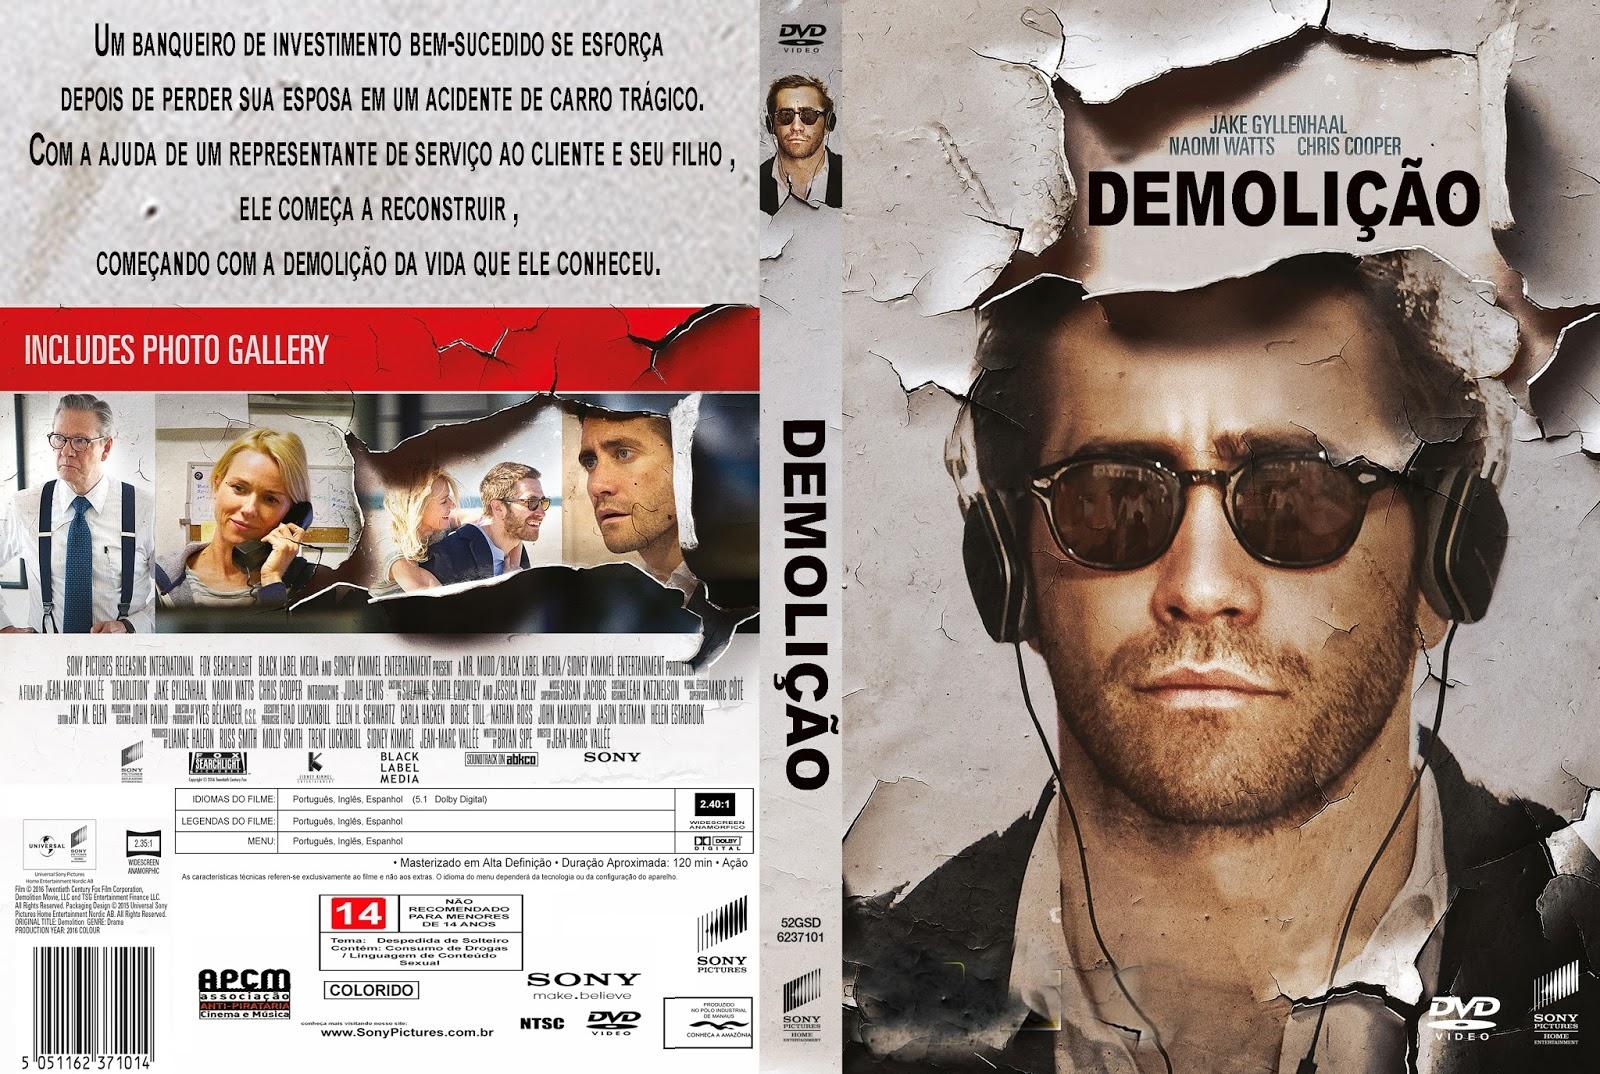 Download Demolição DVD-R Download Demolição DVD-R Demoli 25C3 25A7 25C3 25A3o 2B  2BCAPA